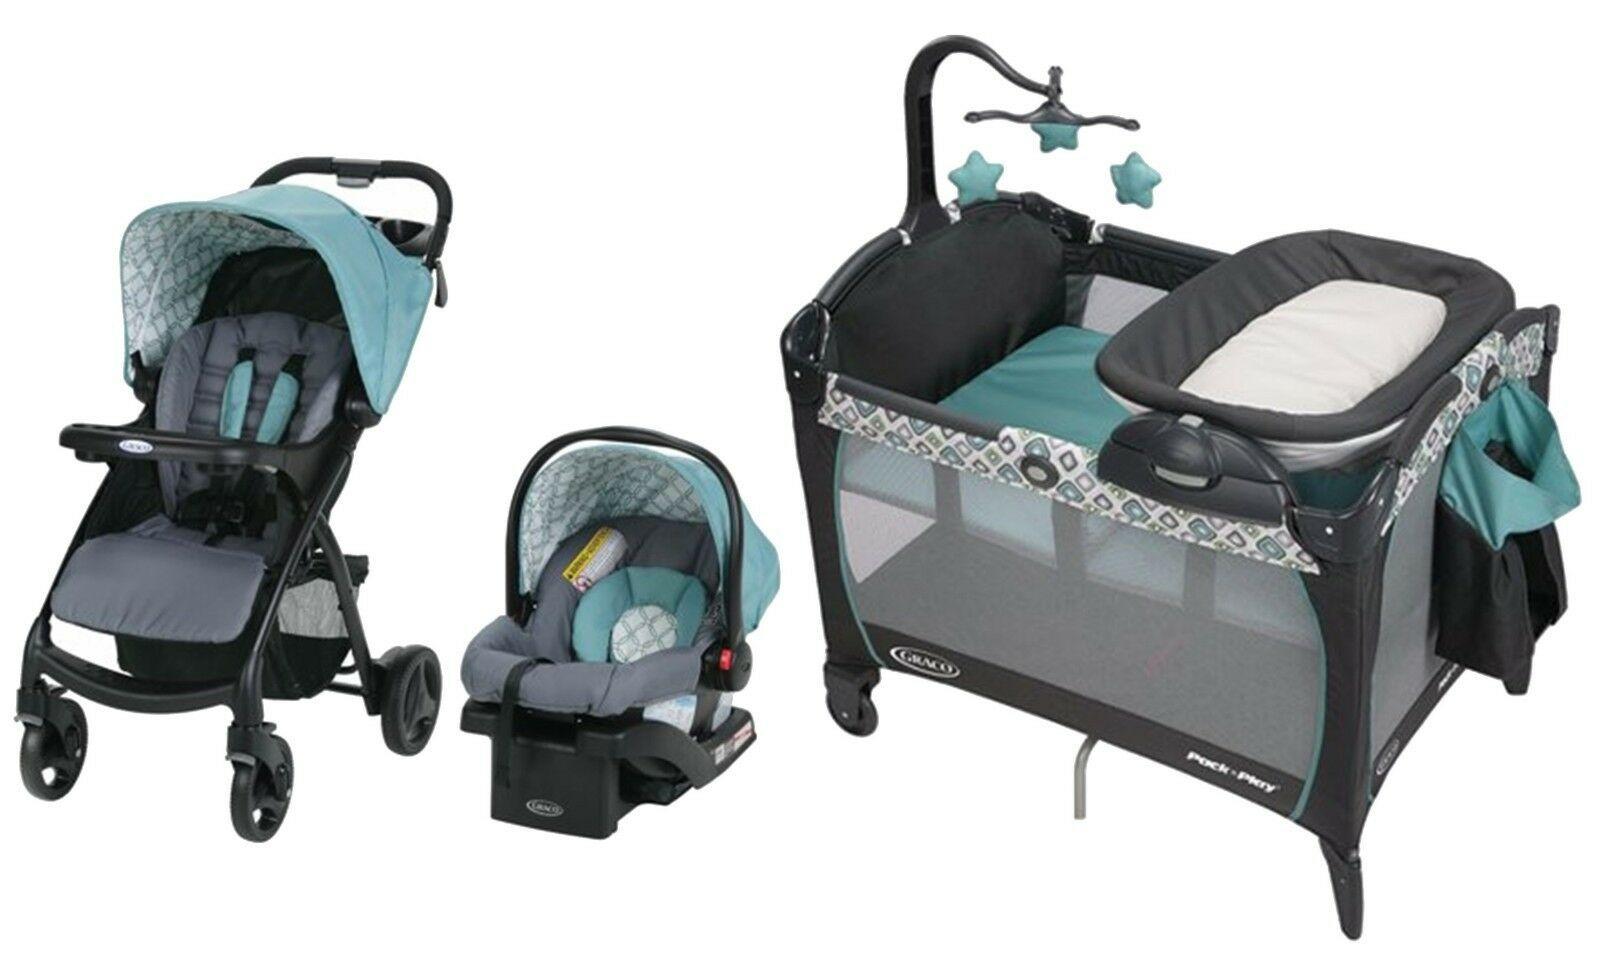 Graco Baby Stroller Infant Car Seat Playard Crib w